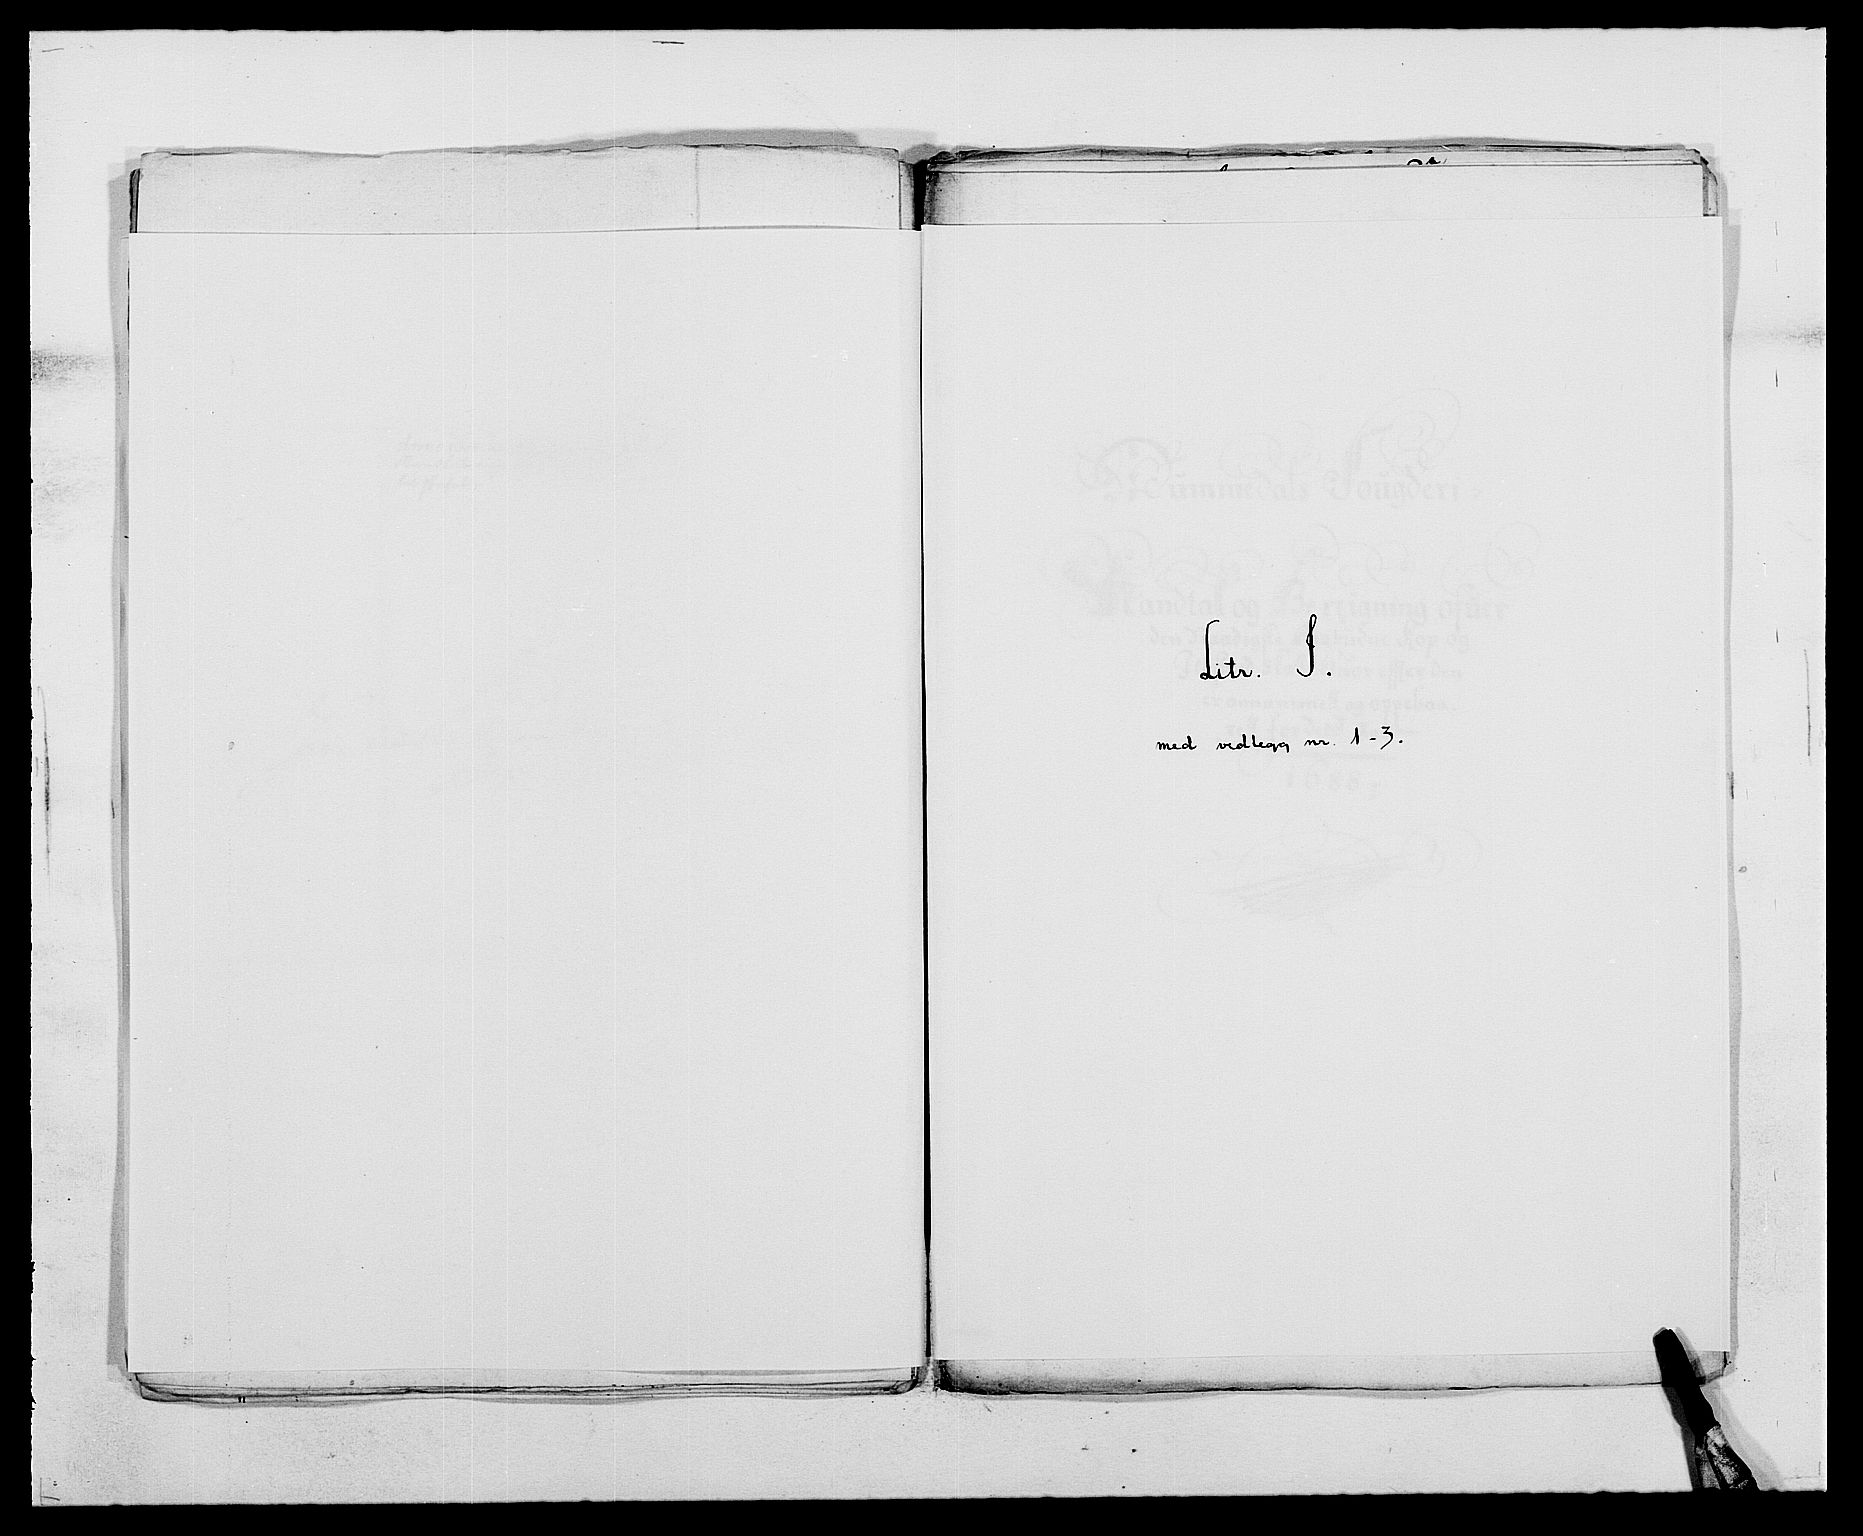 RA, Rentekammeret inntil 1814, Reviderte regnskaper, Fogderegnskap, R64/L4422: Fogderegnskap Namdal, 1687-1689, s. 132